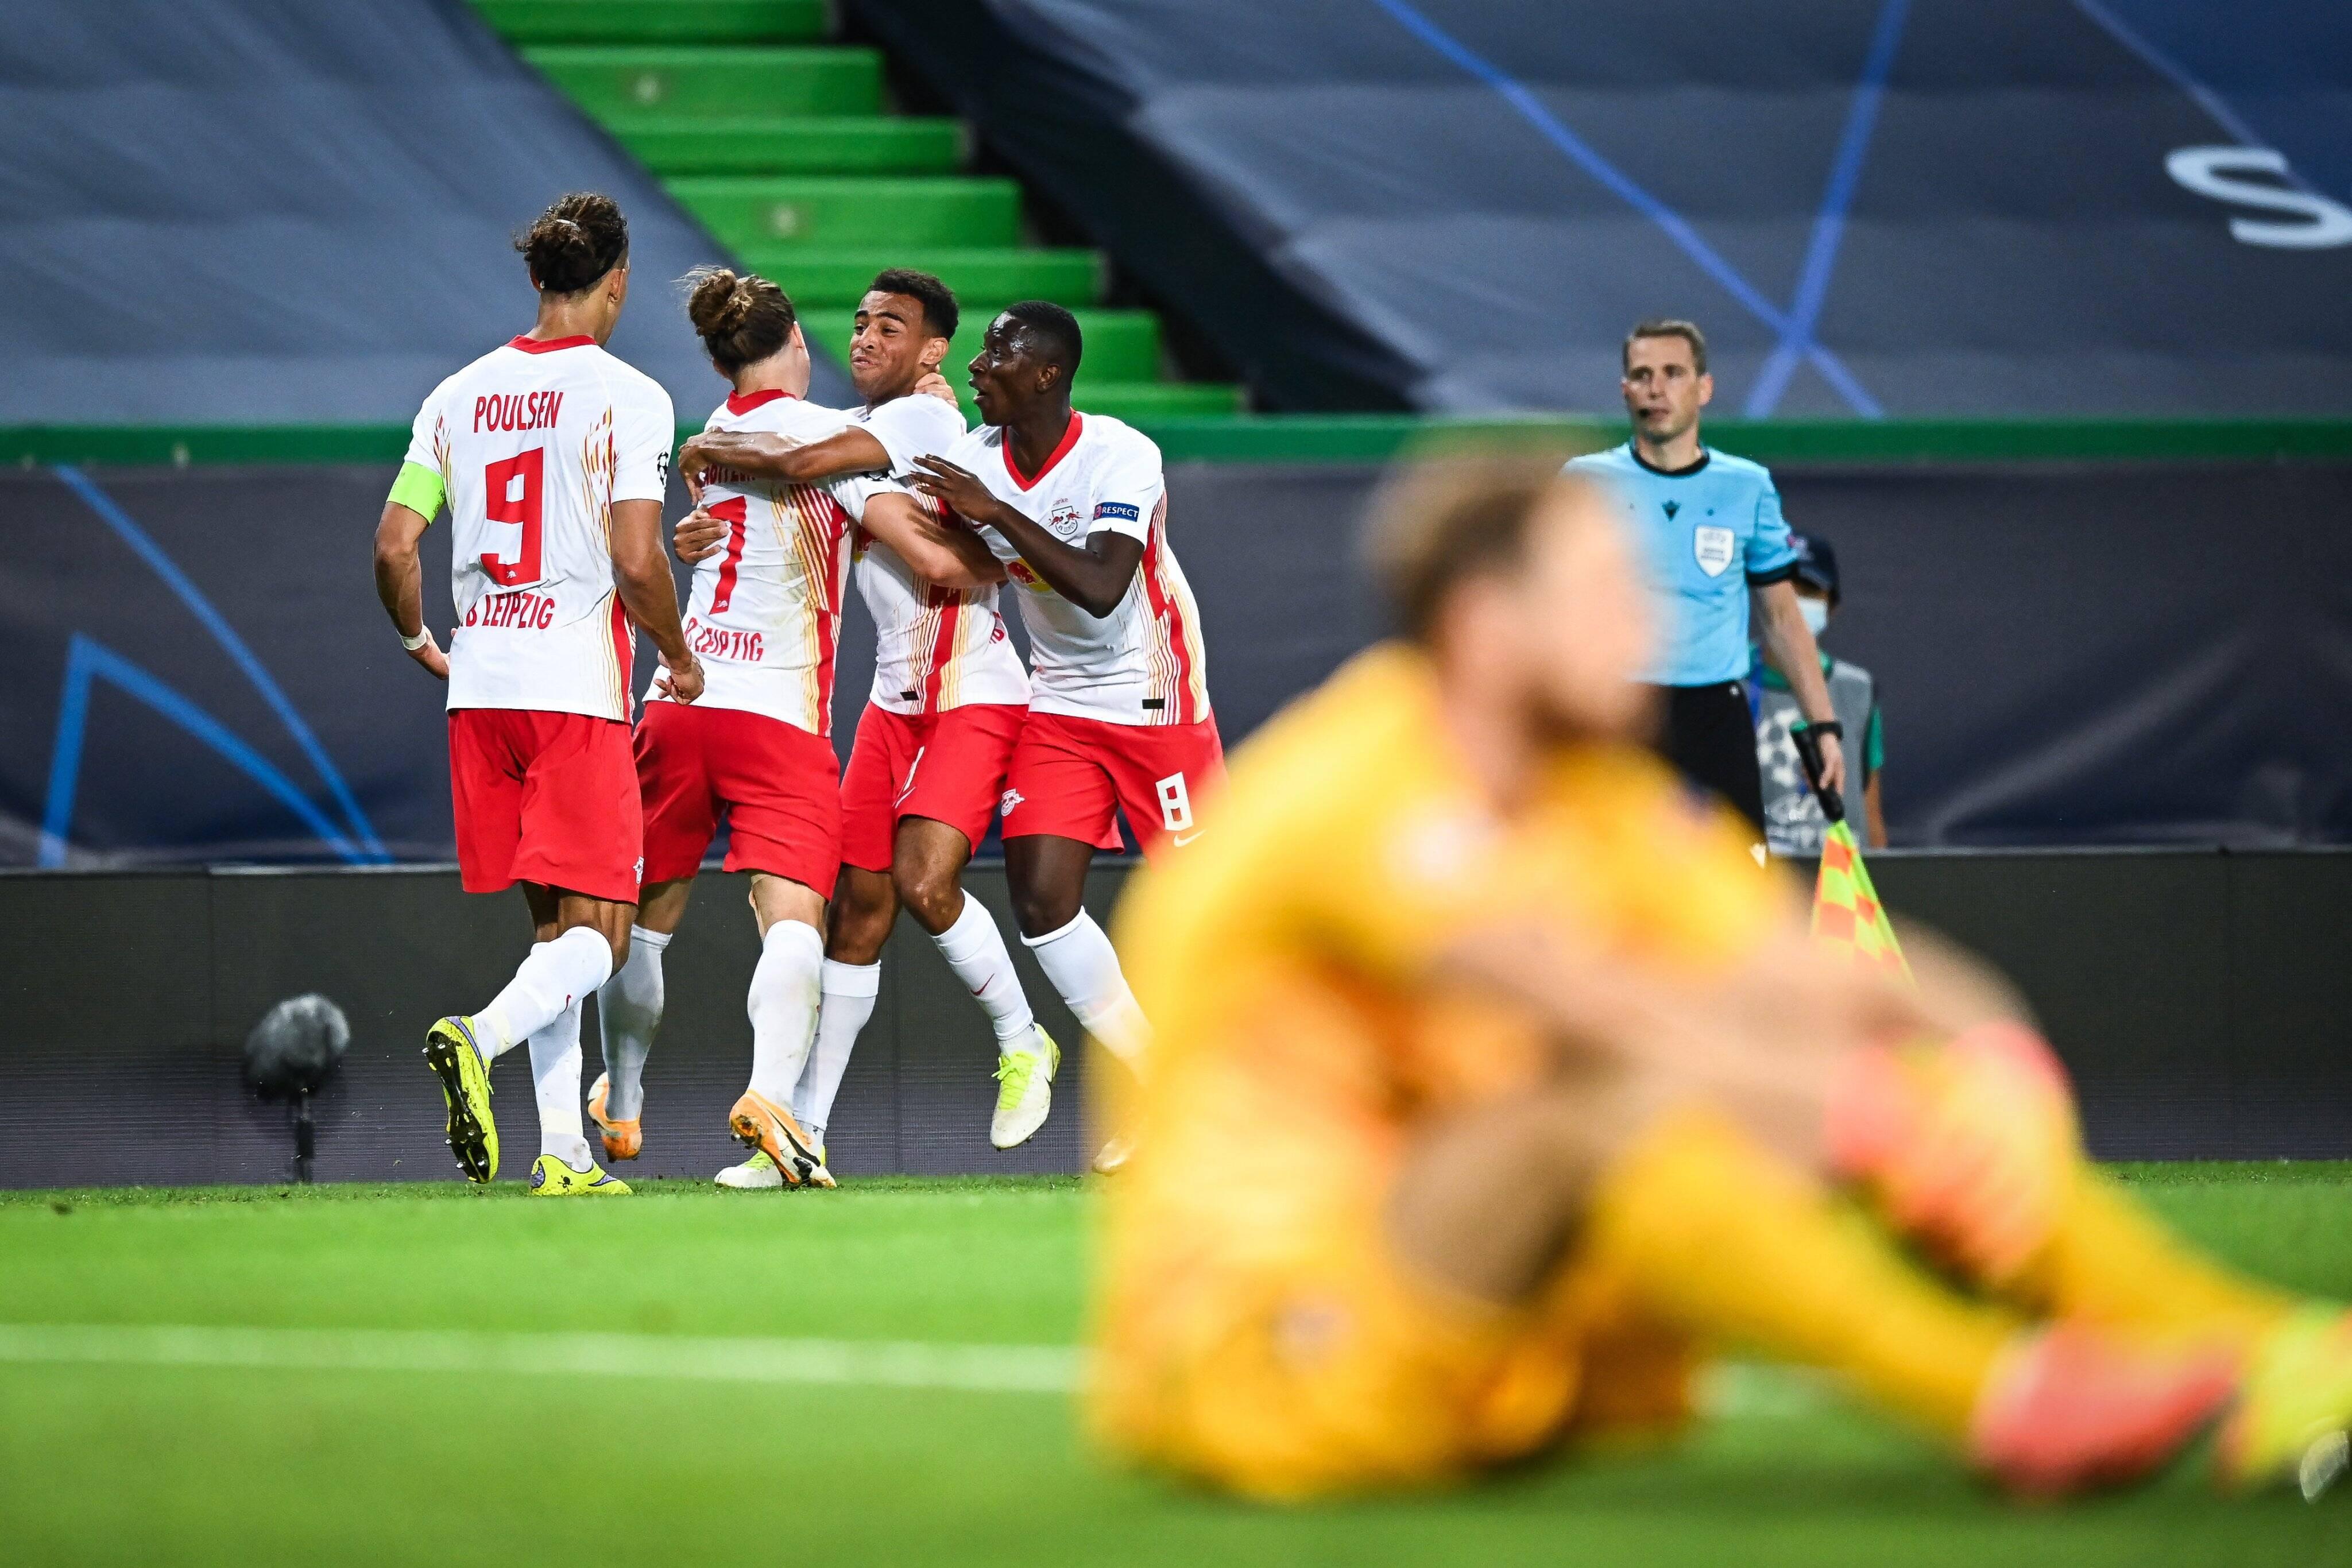 Foto: Reprodução / RB Leipzig